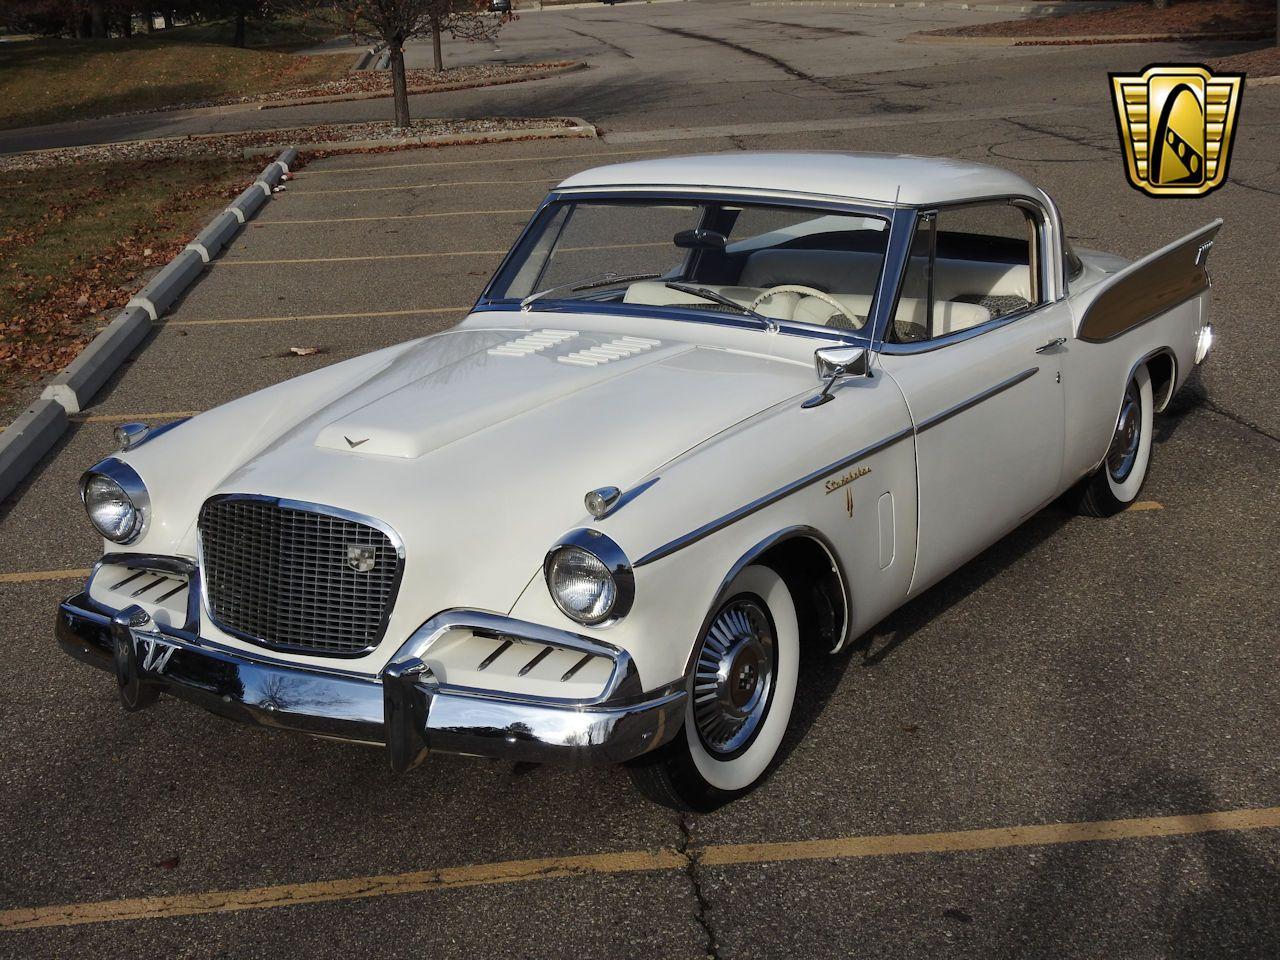 1957 Studebaker Golden Hawk For Sale Allcollectorcars Com Studebaker Classic Cars Classic Cars Trucks